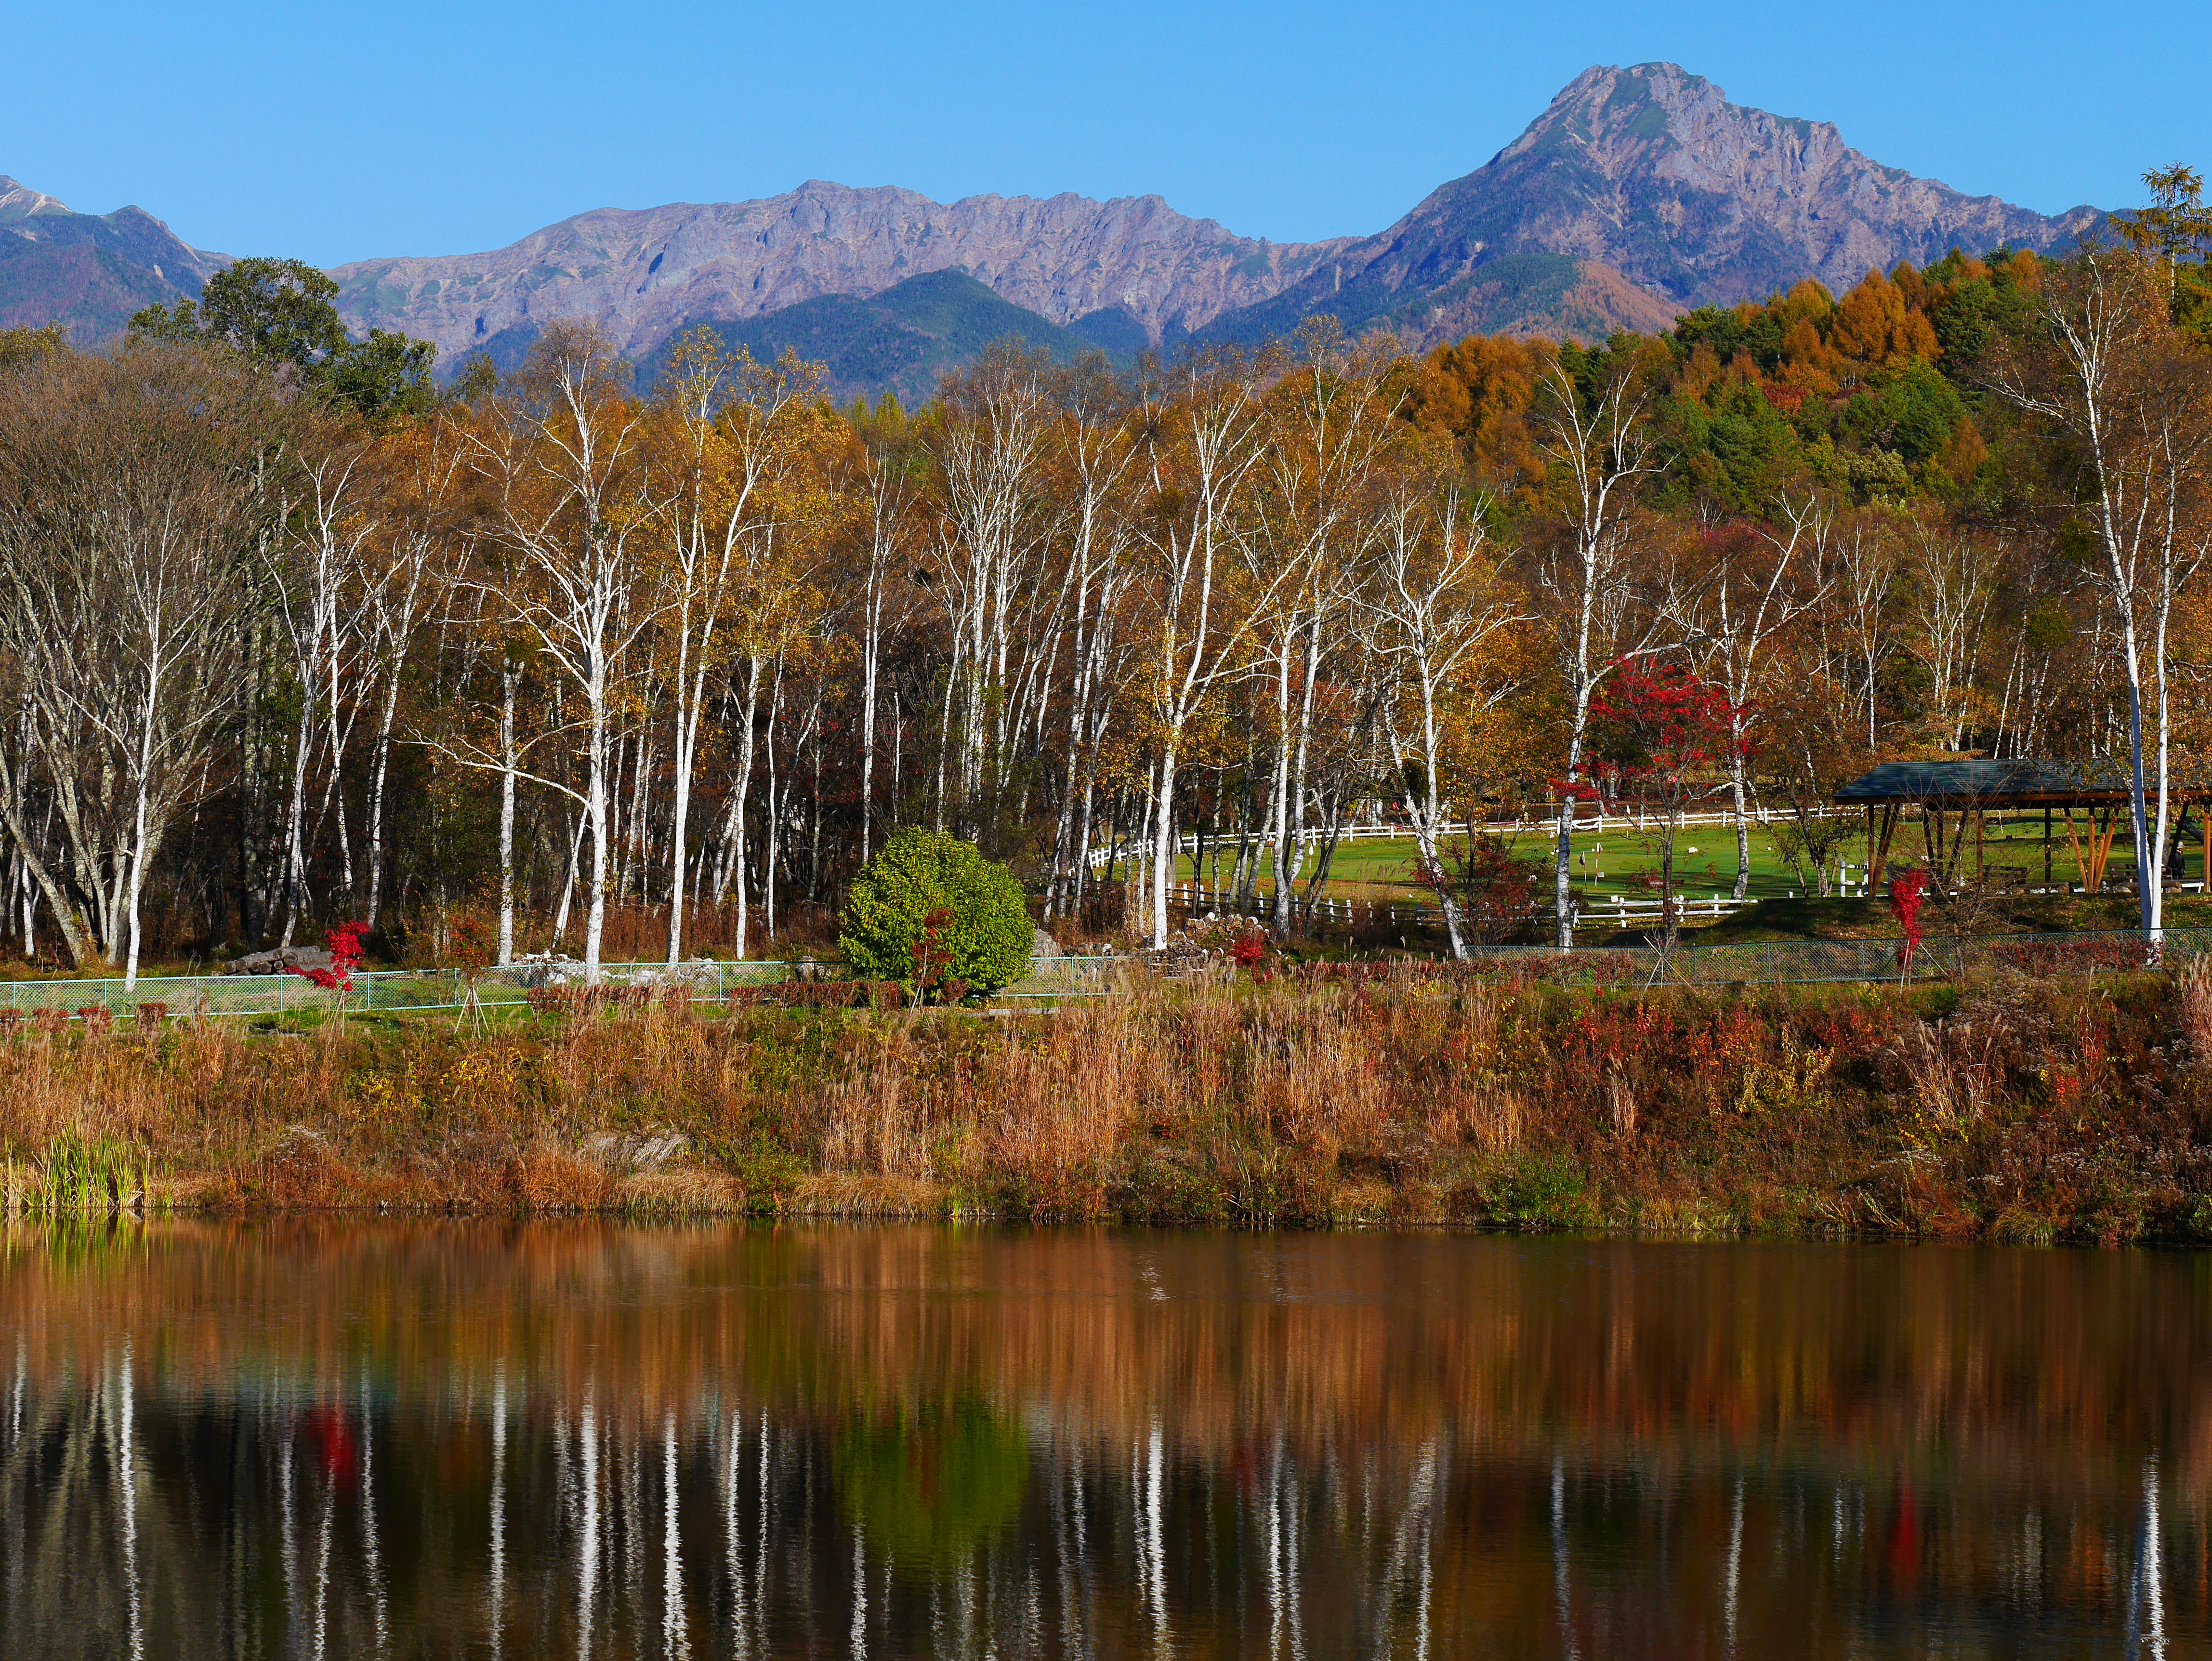 八ヶ岳自然文化園 | 八ヶ岳の南...